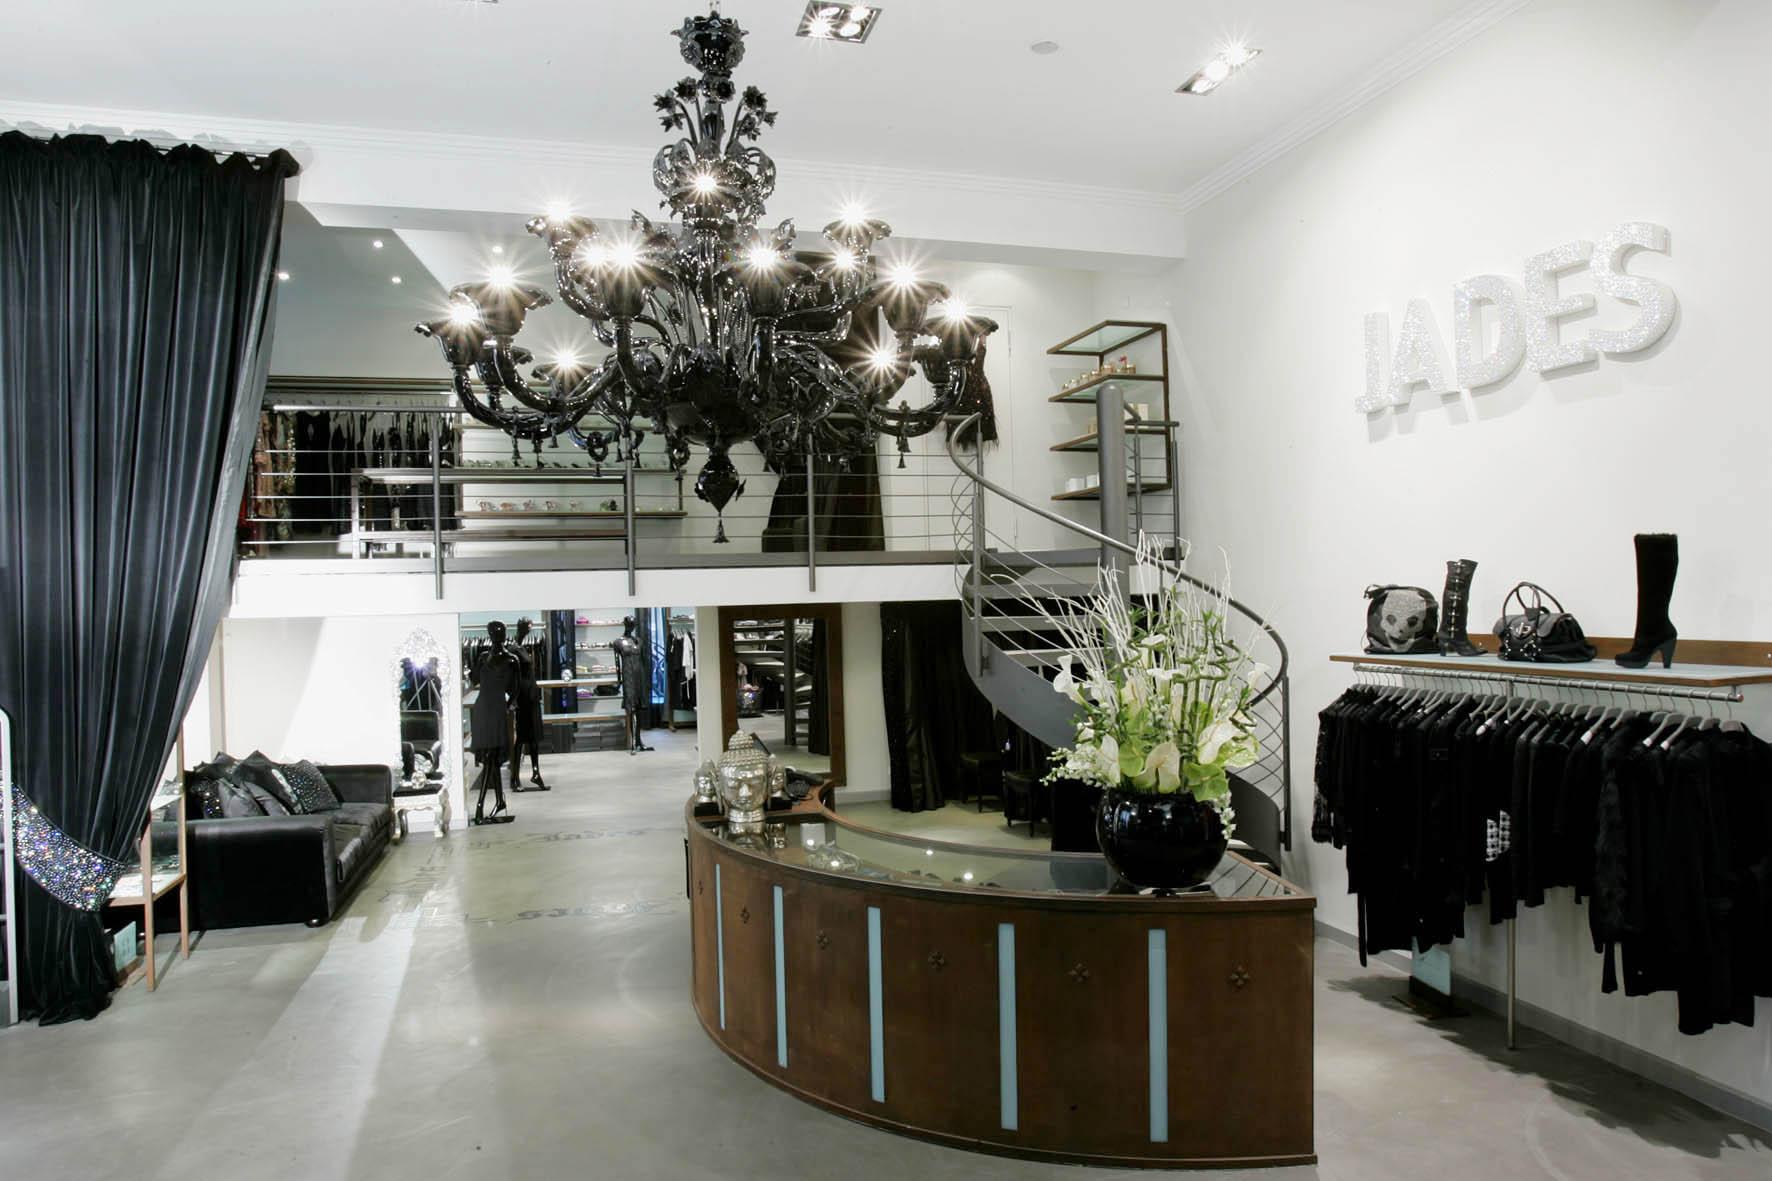 Jades Boutique Dusseldorf